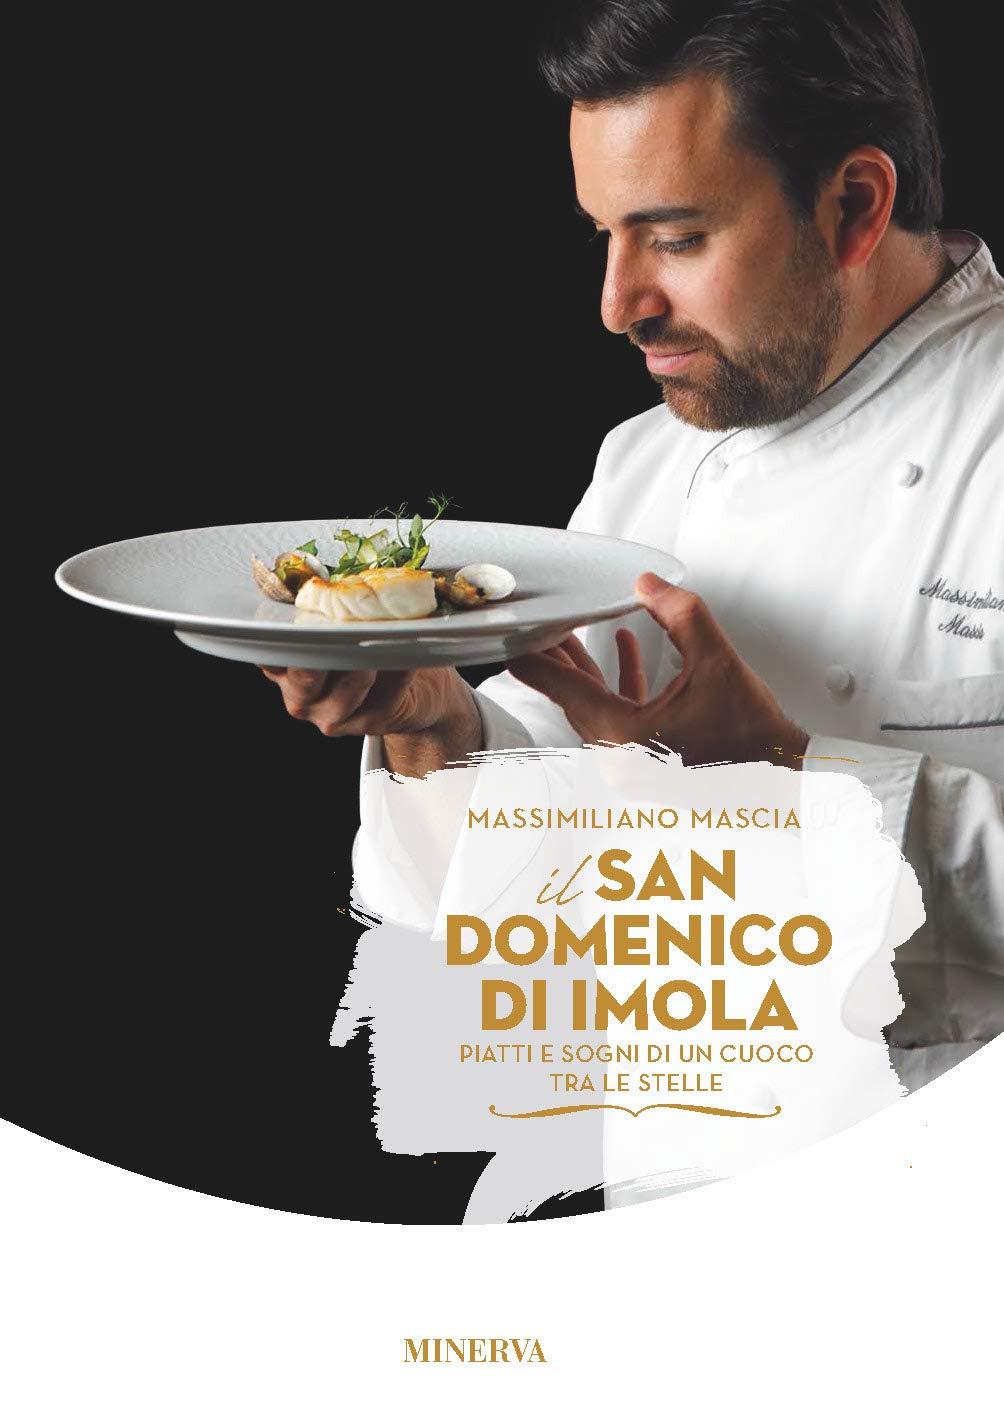 Libro di ricette di Massimiliano Mascia, il San Domenico di Imola